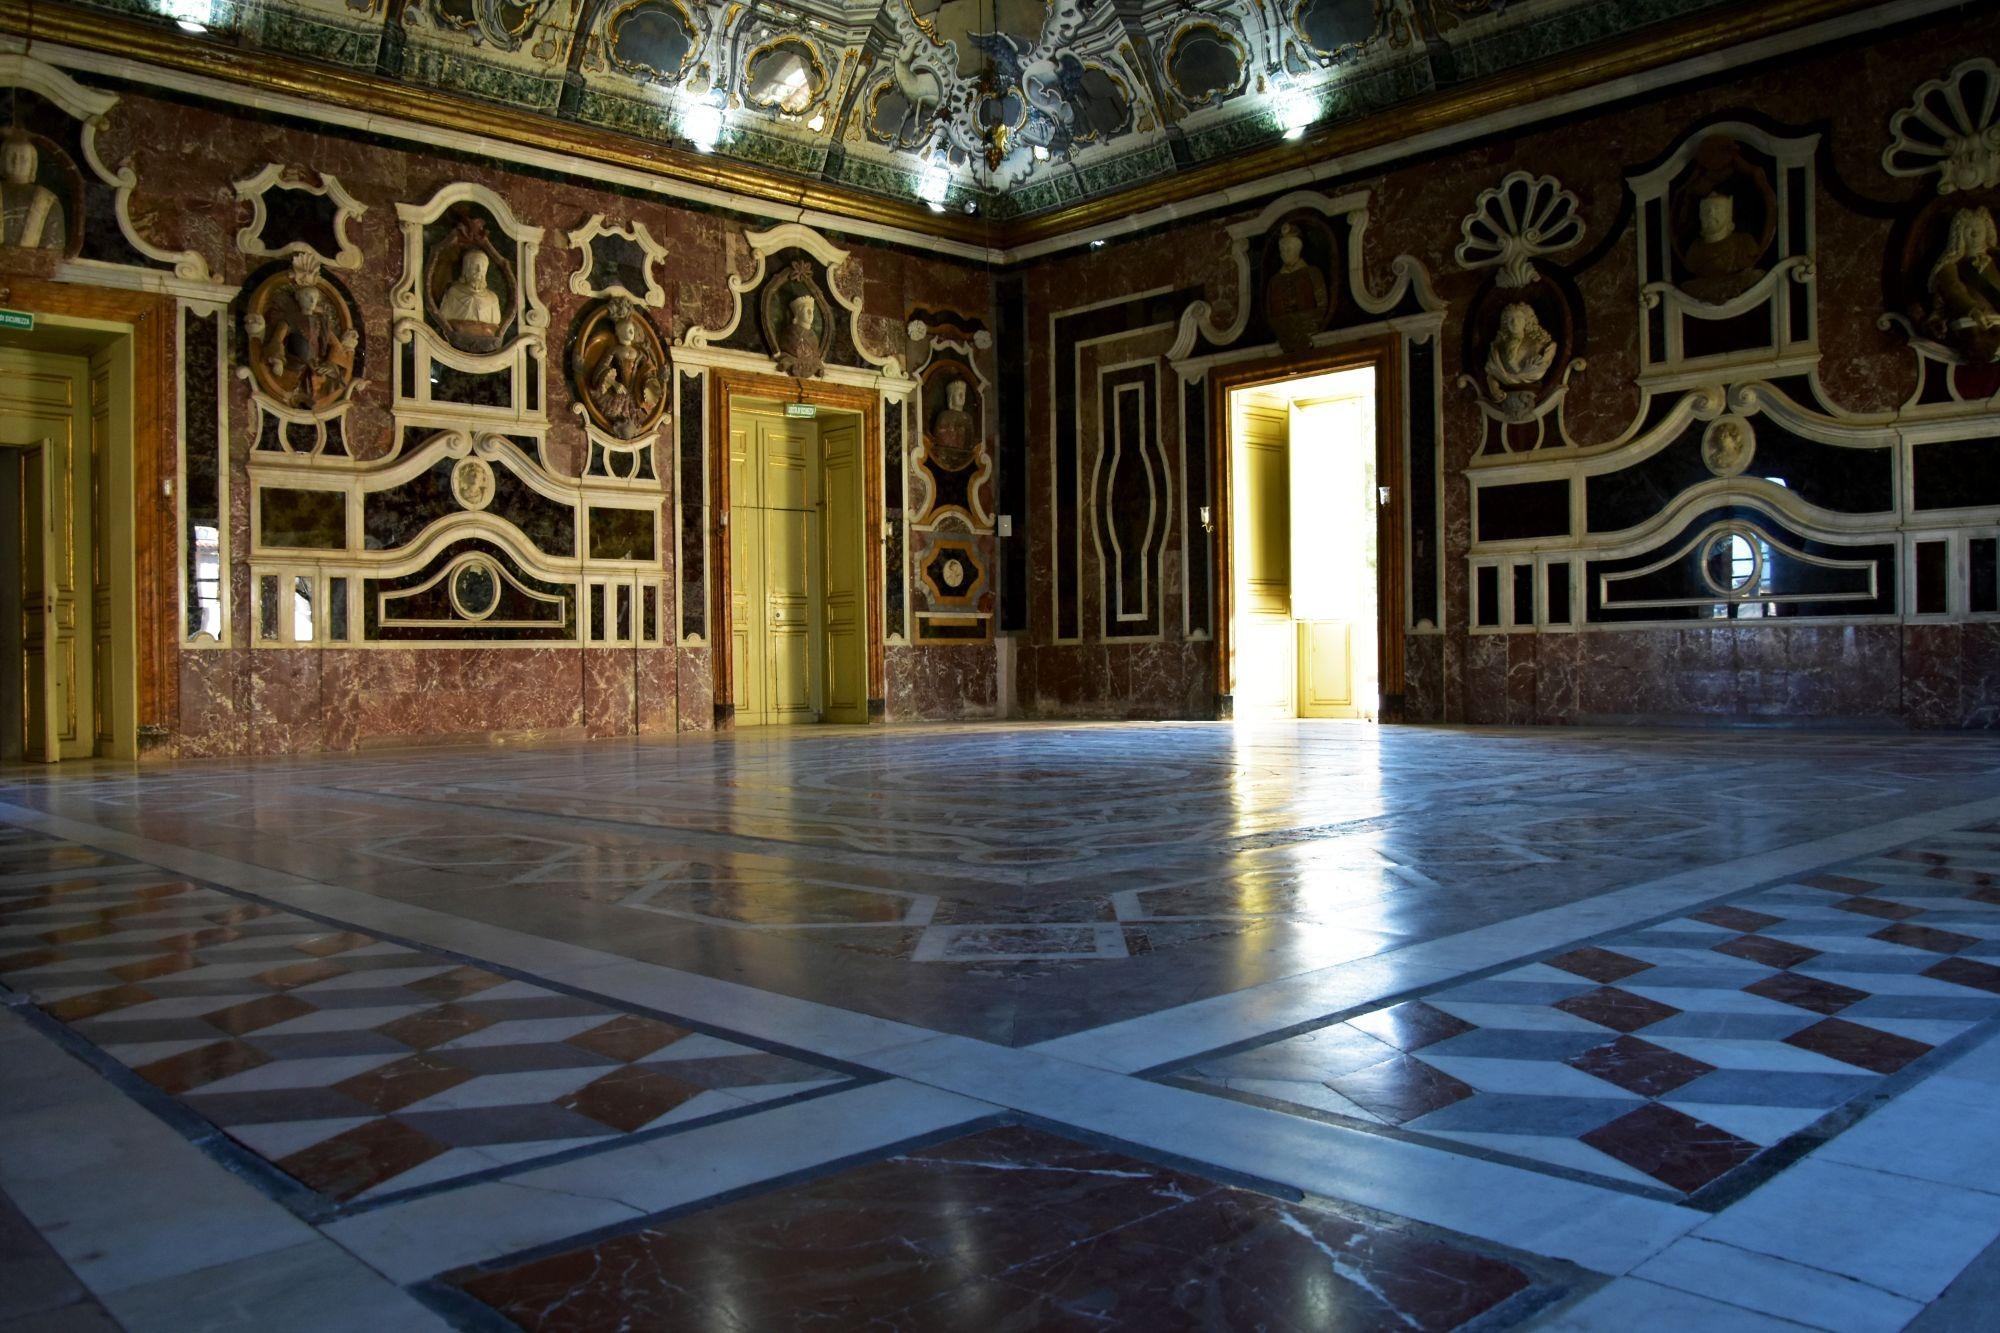 VILLA PALAGONIA: conturbante gioiello barocco